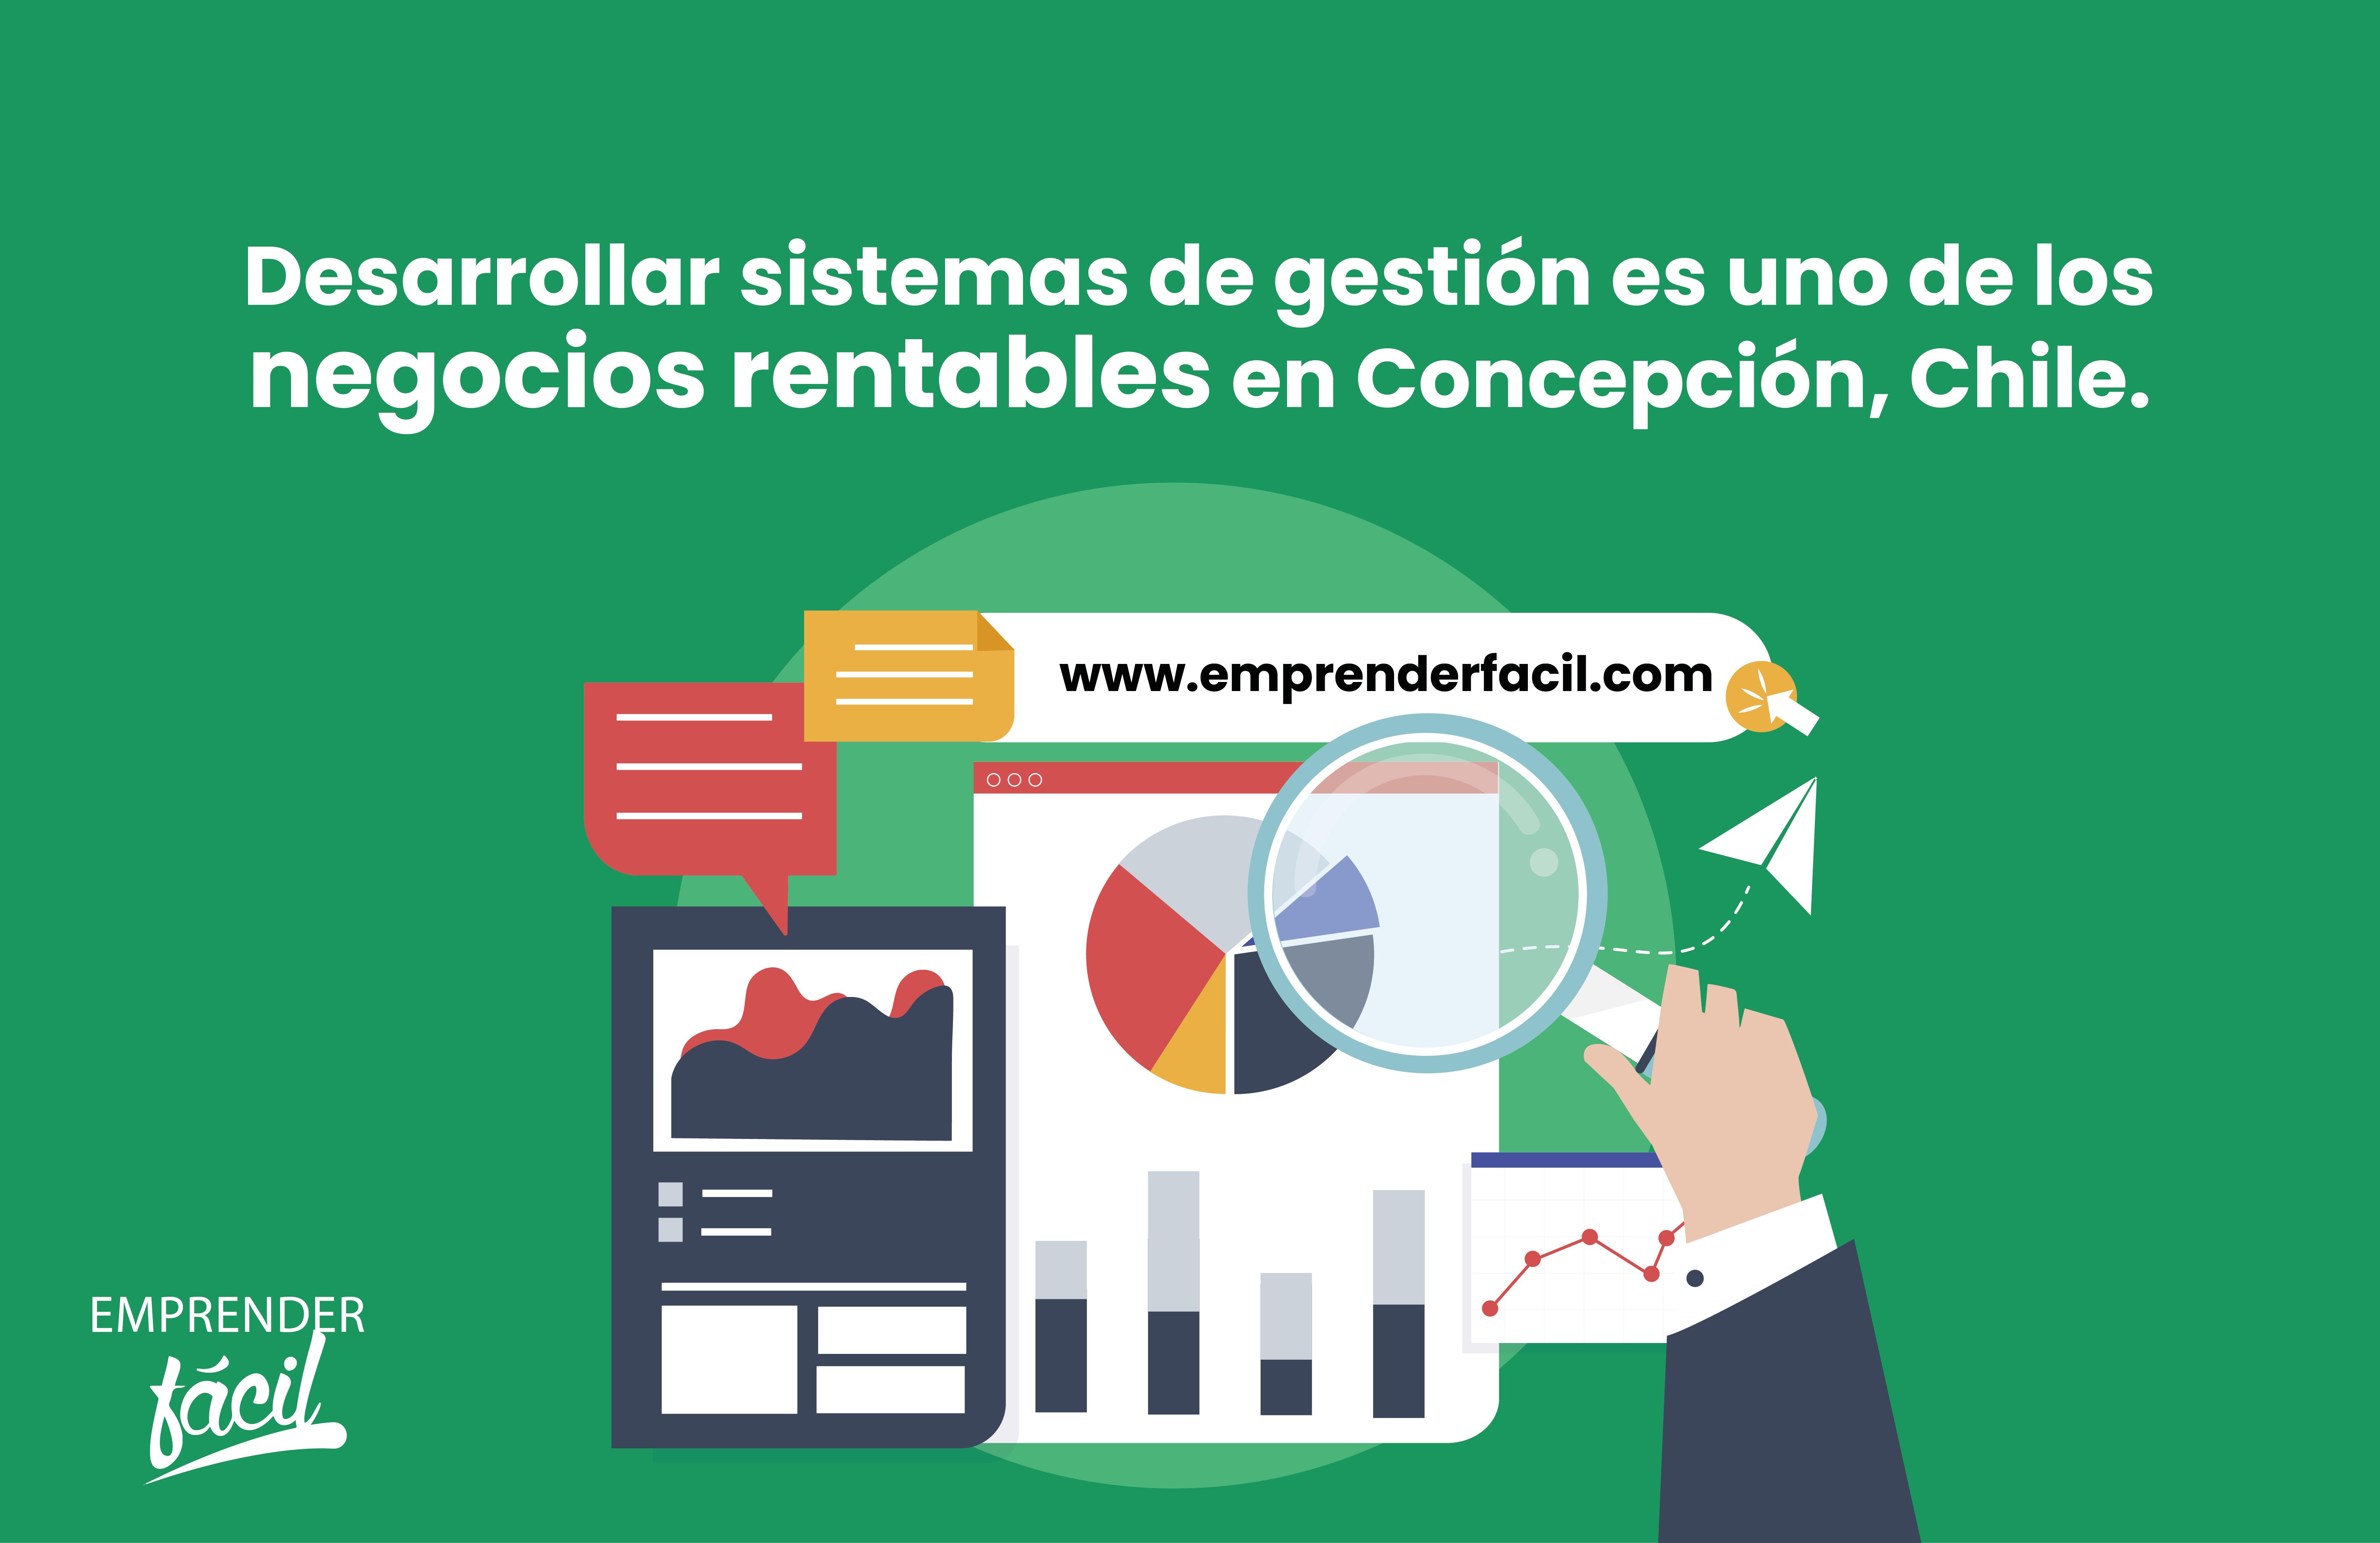 Desarrollar sistemas de gestión es uno de los negocios rentables en Concepción, Chile.